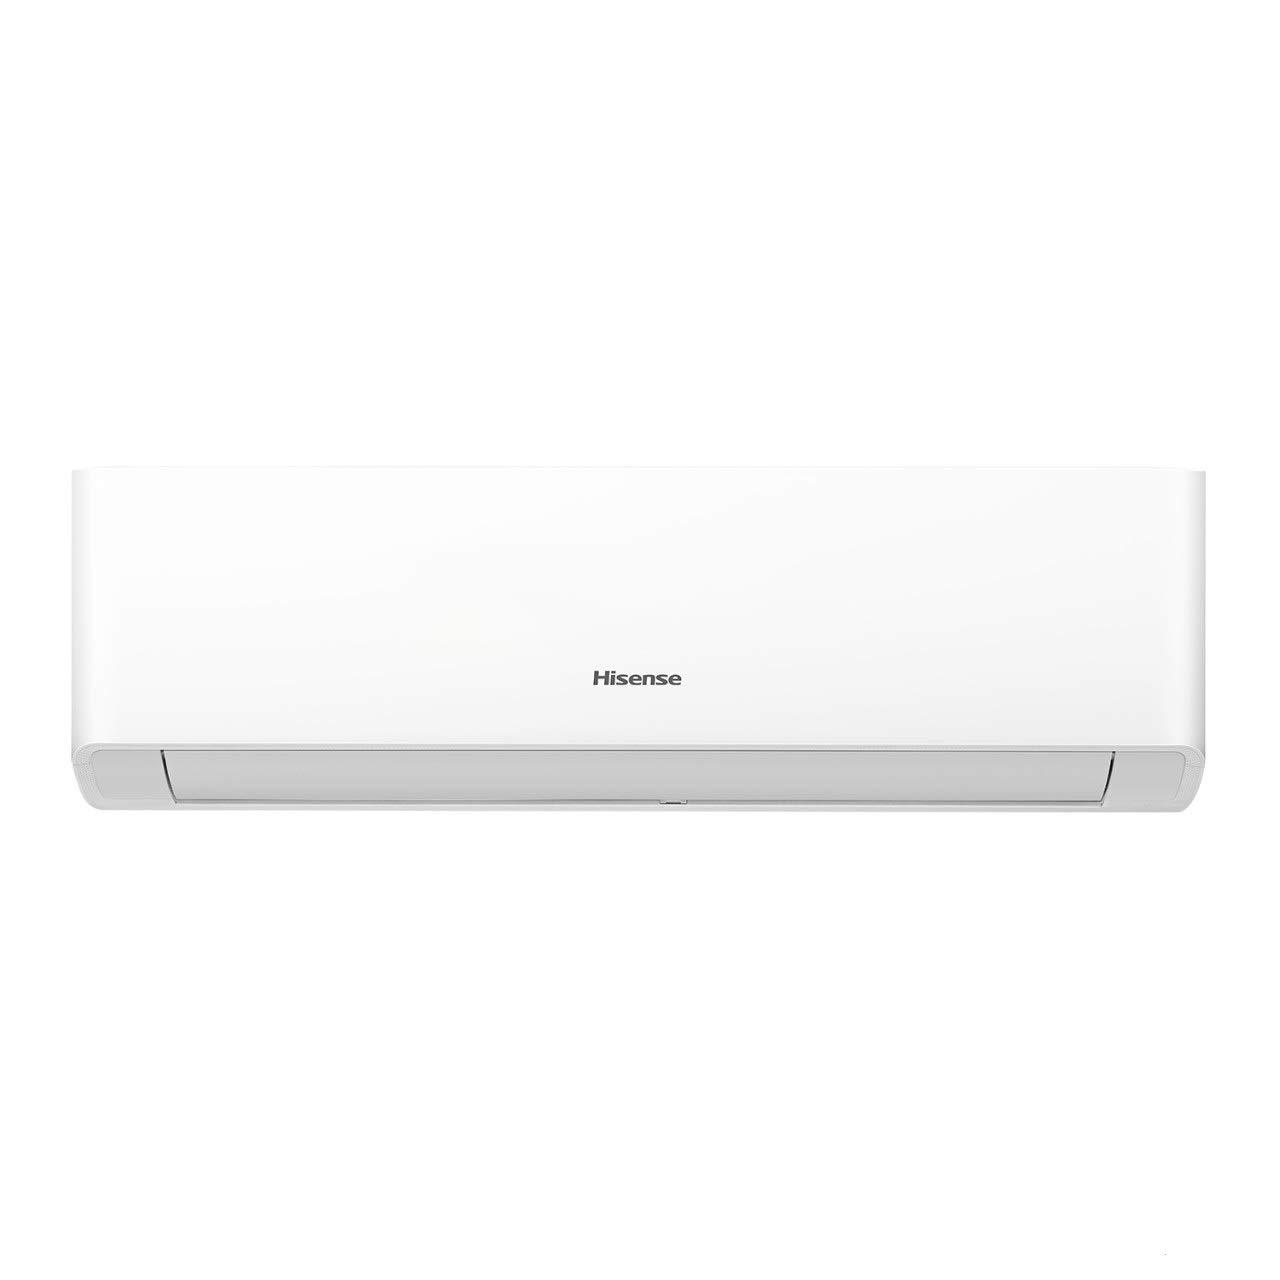 Hisense 1.5 Ton Inverter Split AC